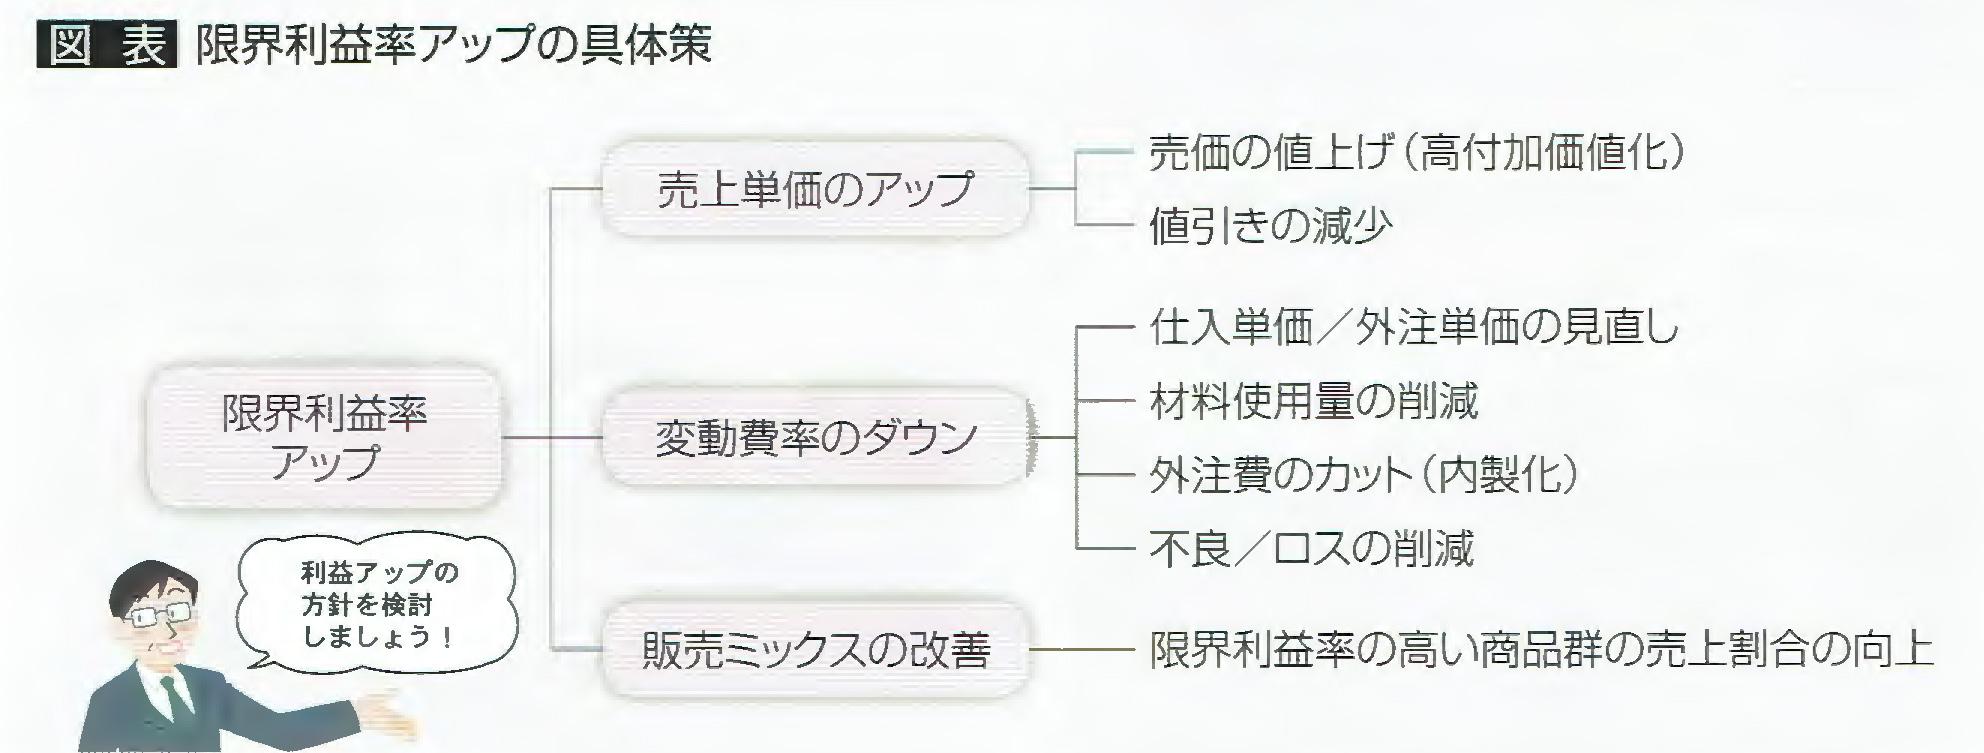 miyake04-3.jpg